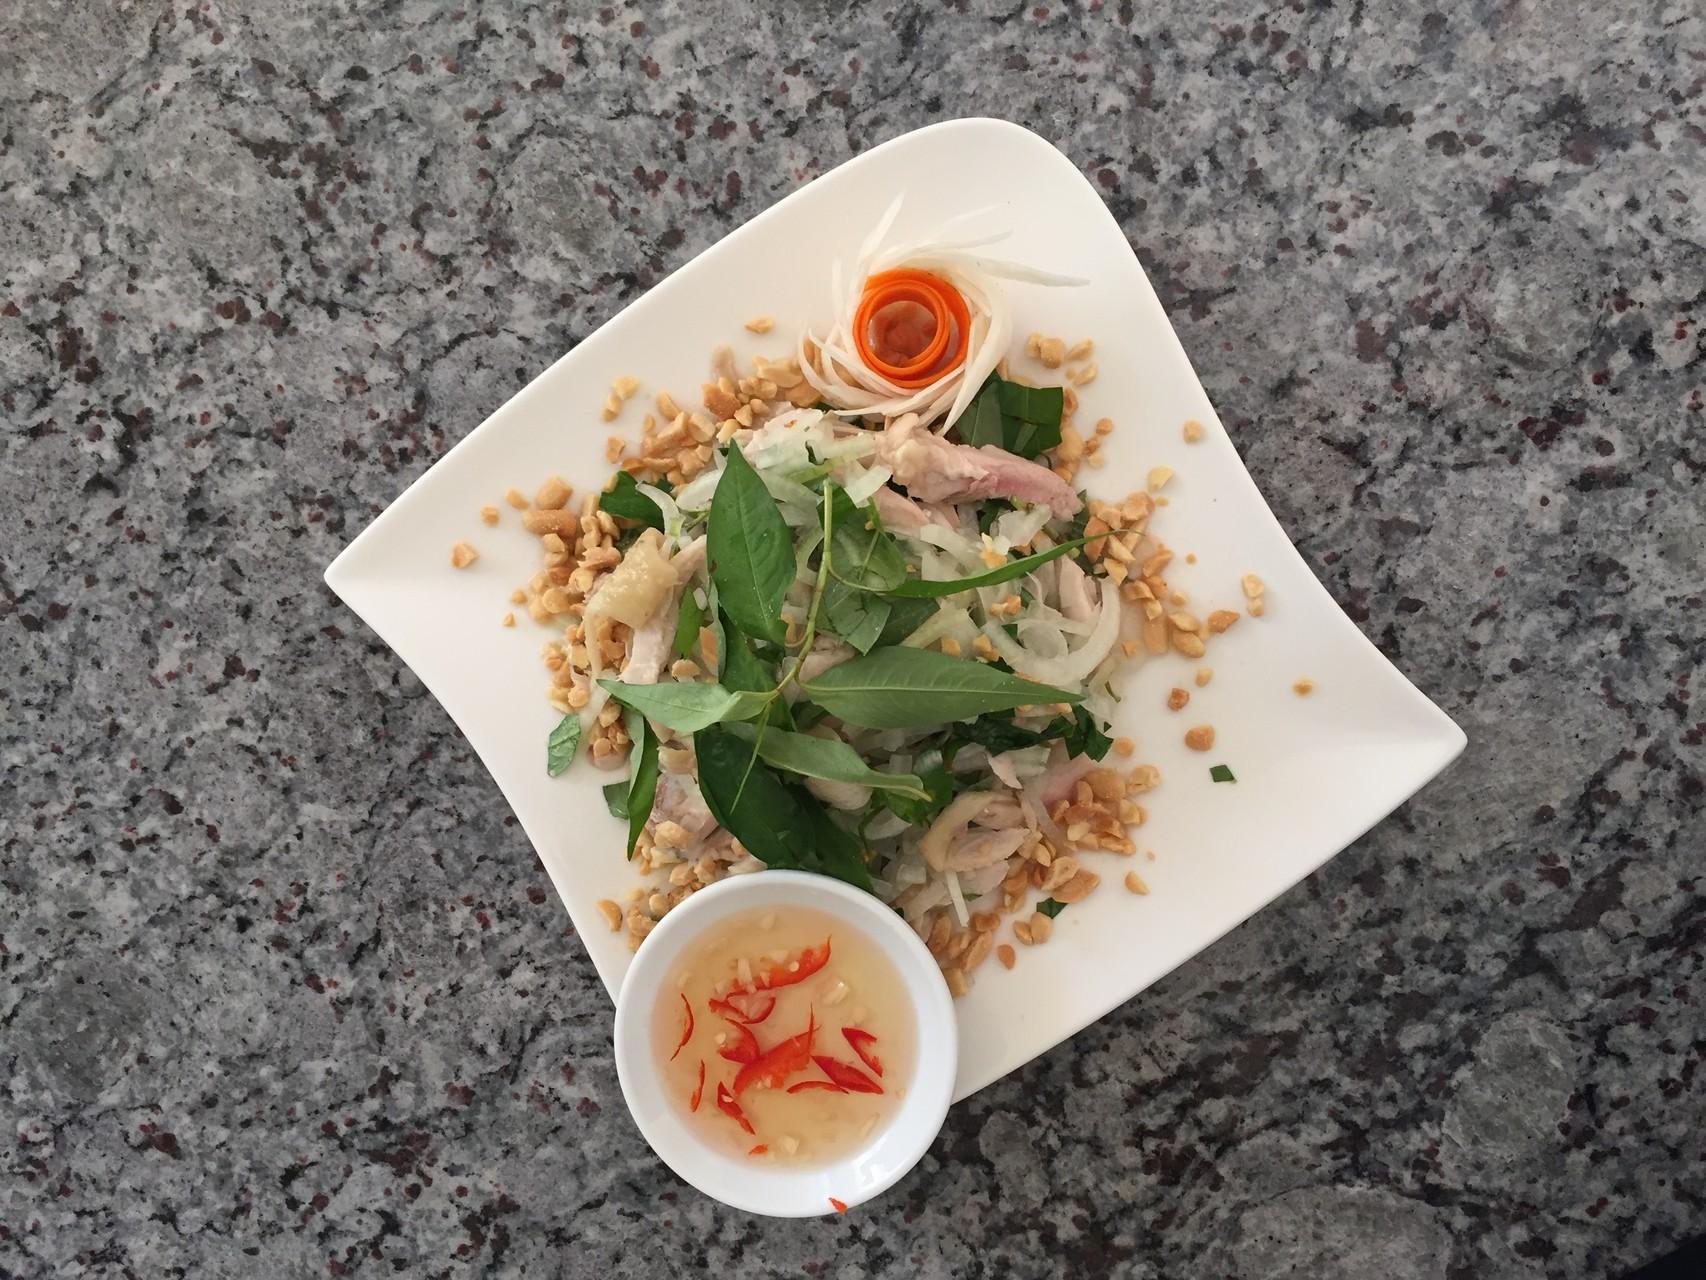 Goi ga xe phay - Pouletsalat mit starke vietnamesische Koriander und Zwiebeln.